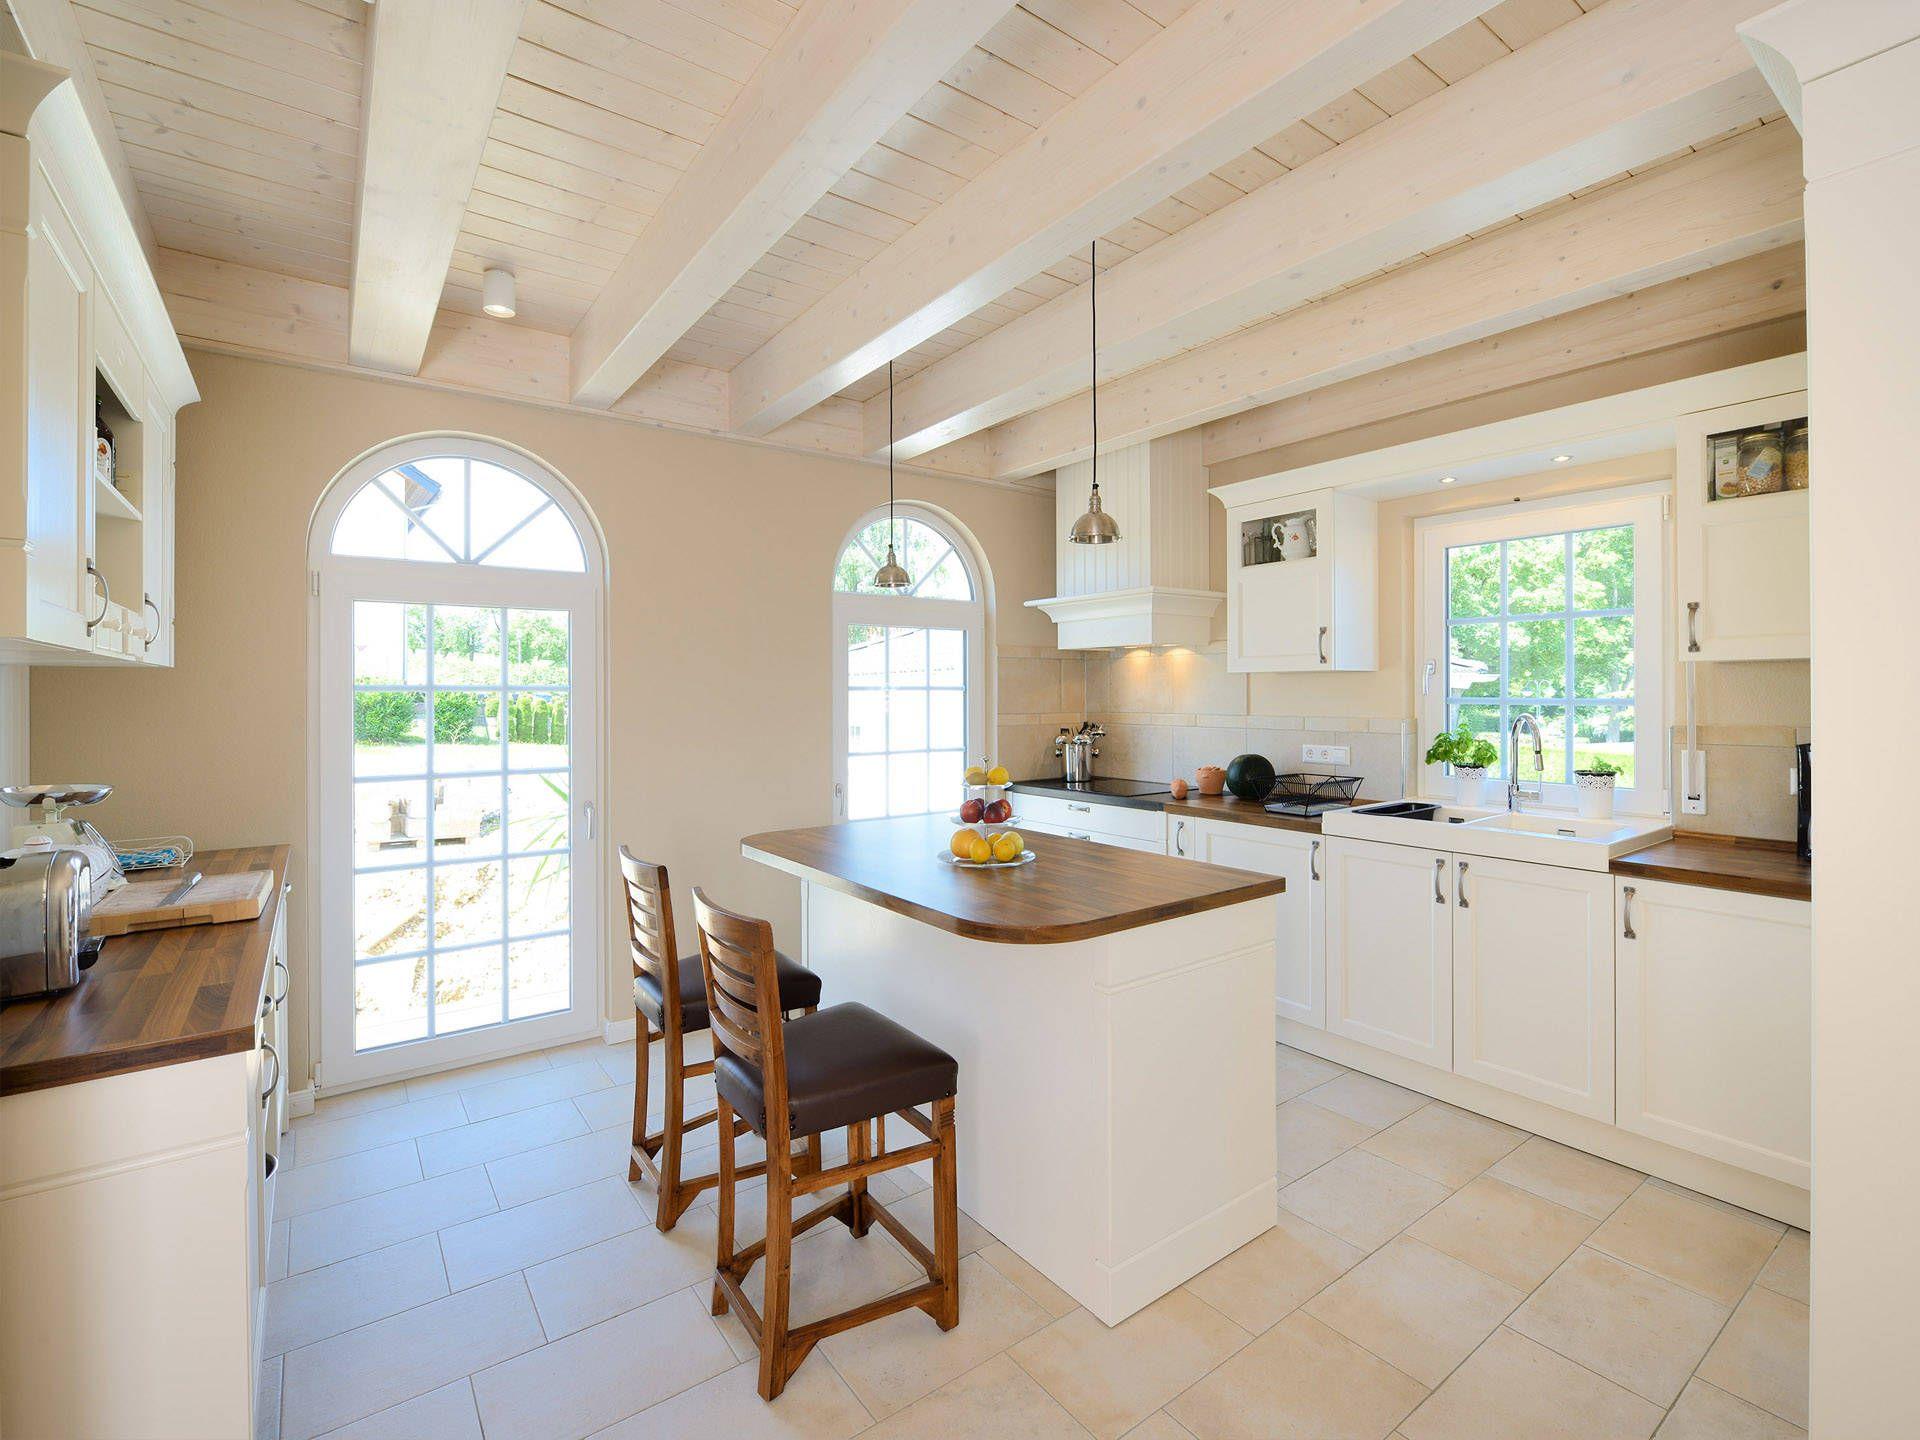 Musterhaus innenausstattung  Küche in der Stadtvilla Winter von Fertighaus WEISS • Mit ...